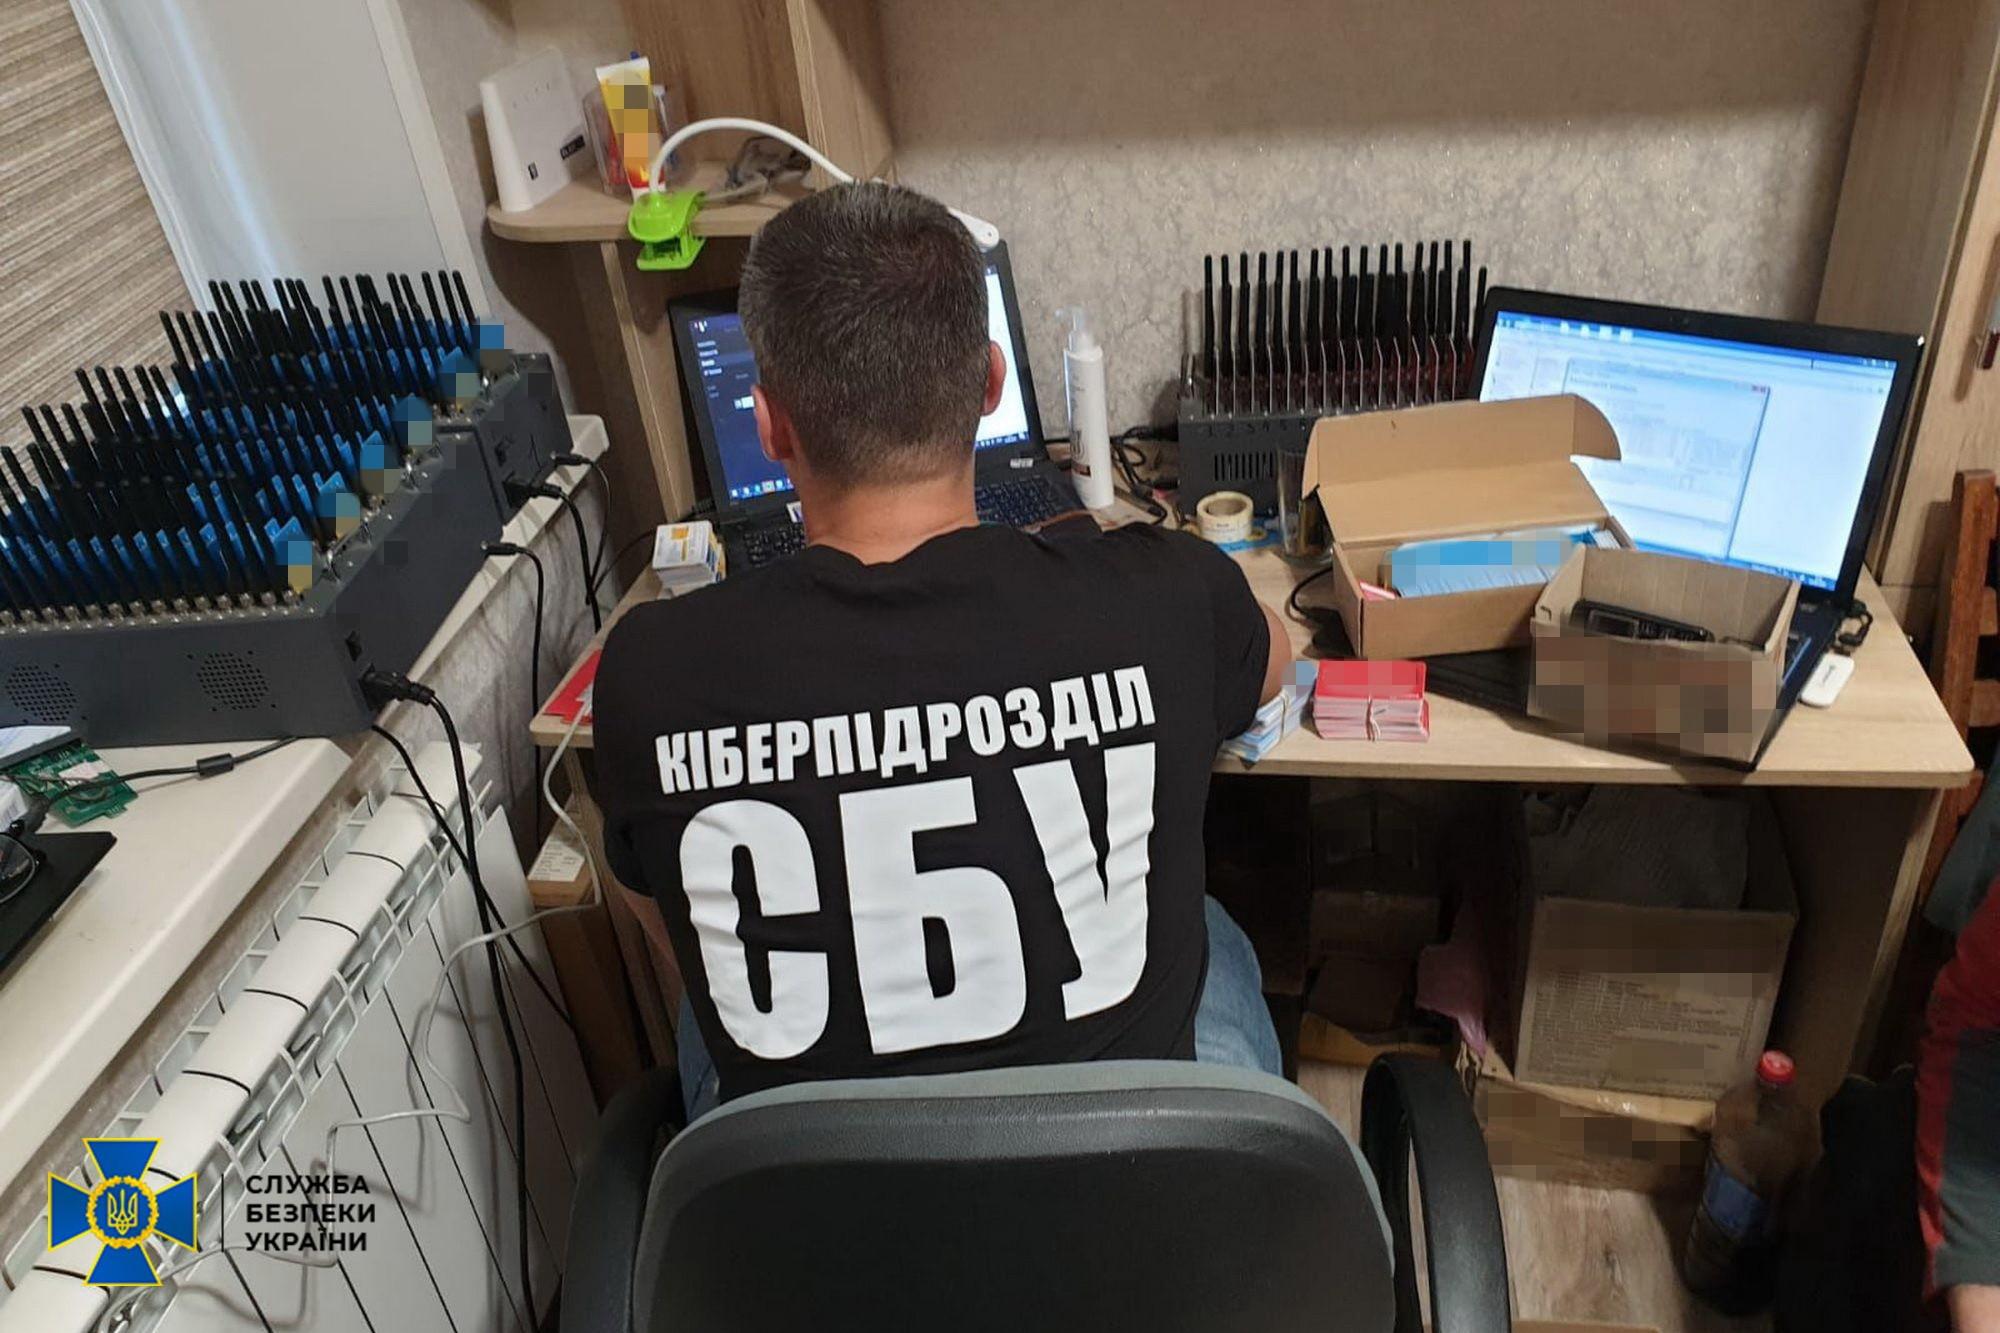 СБУ в Харьковской области пресекла деятельность очередной ботофермы